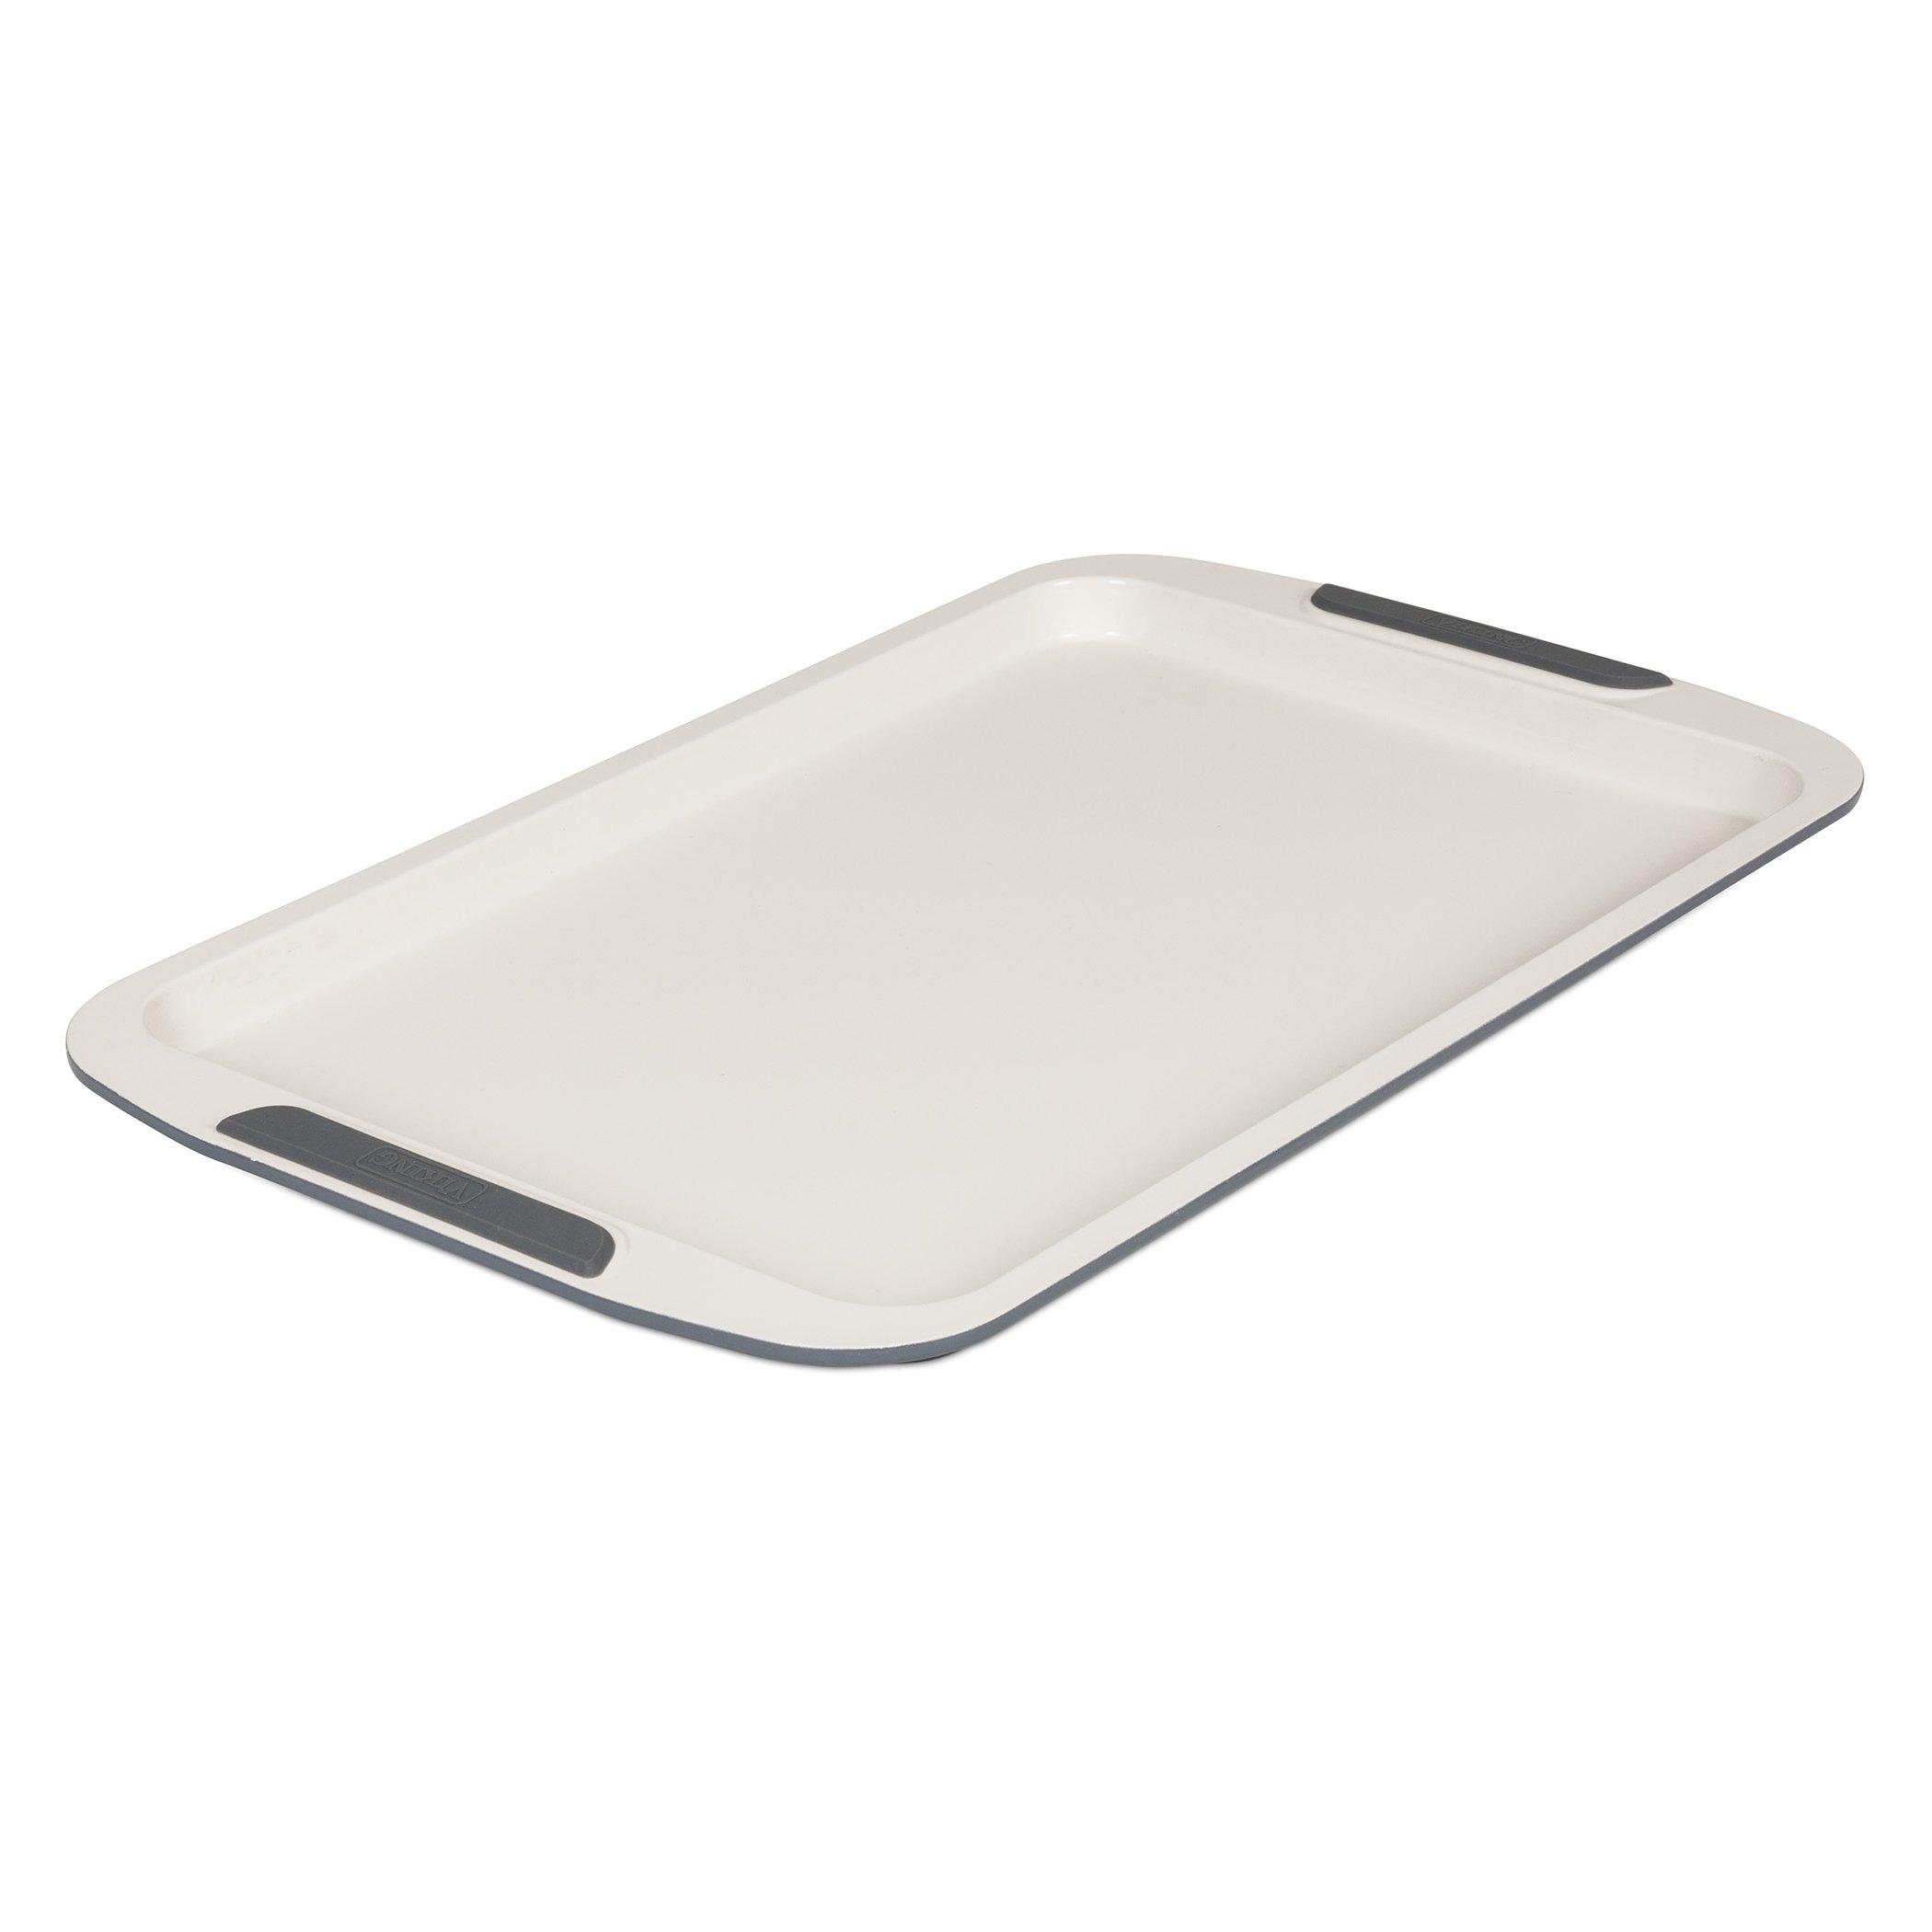 Viking Ceramic Nonstick Bakeware Baking Tray, 17 Inch